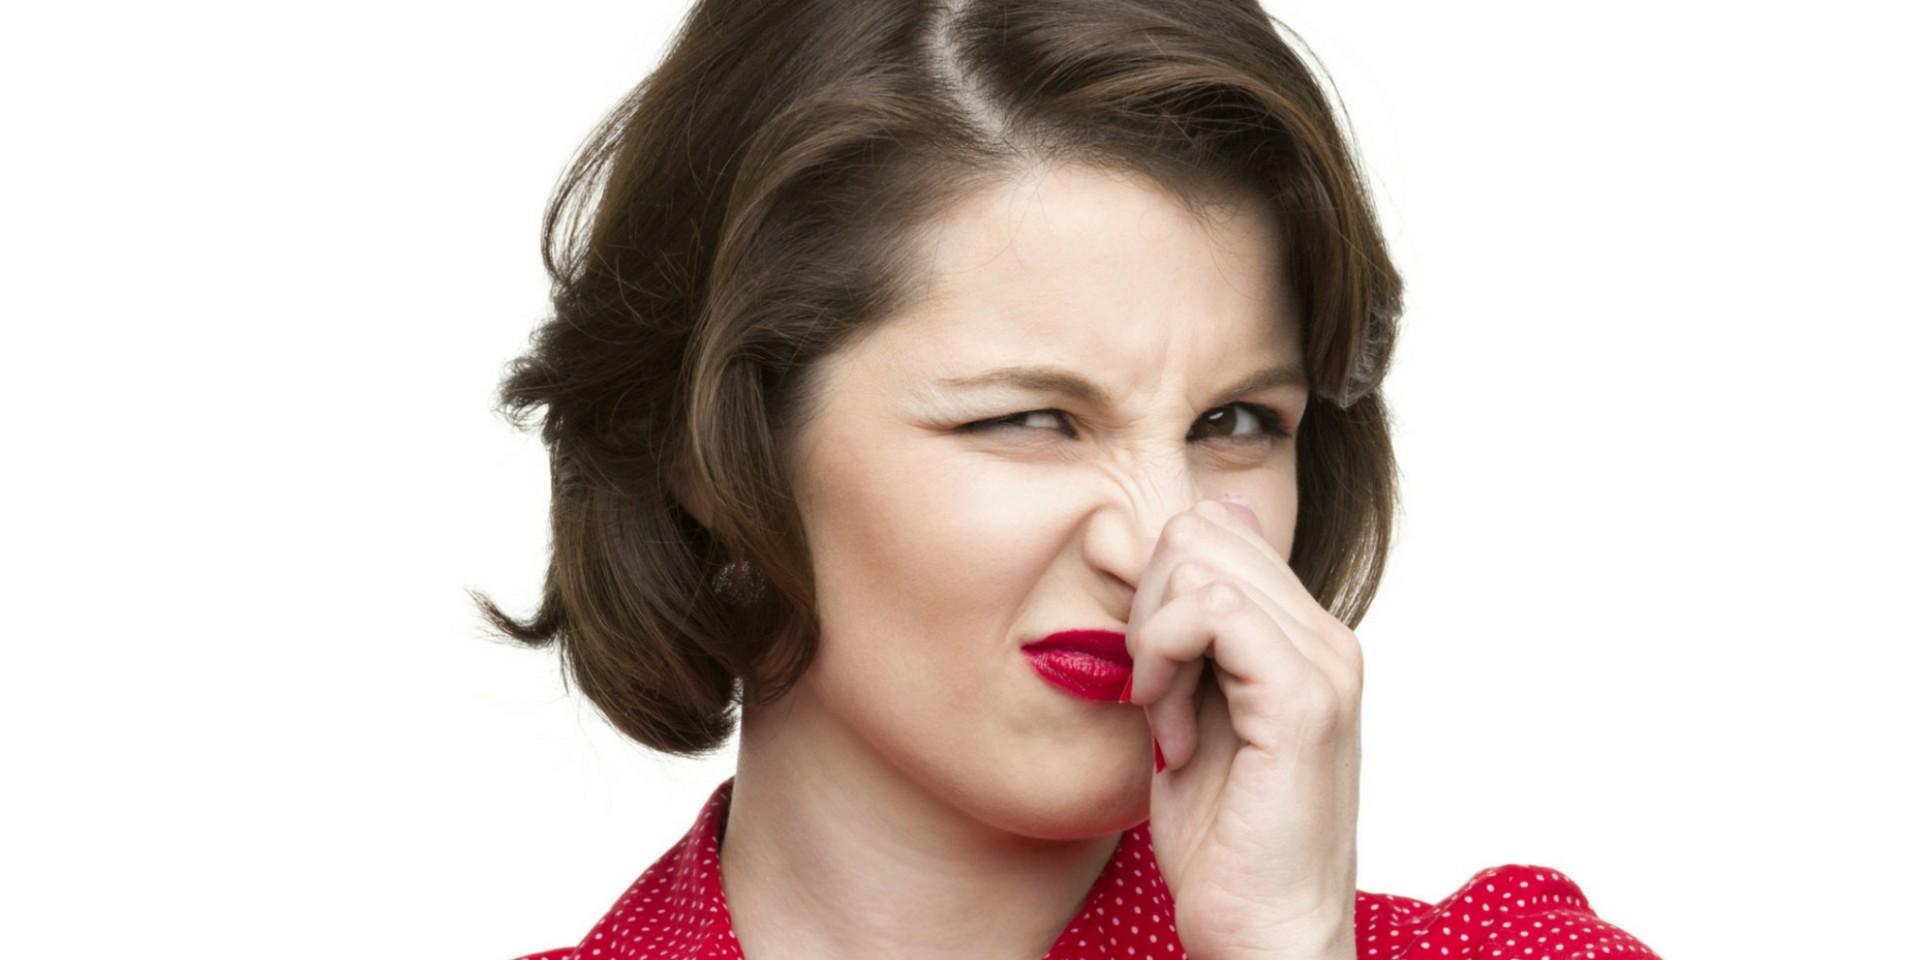 ส่อง 8 สิ่งที่ทำให้น้องหนูส่งกลิ่นเหม็น จนเสียเซลฟ์!